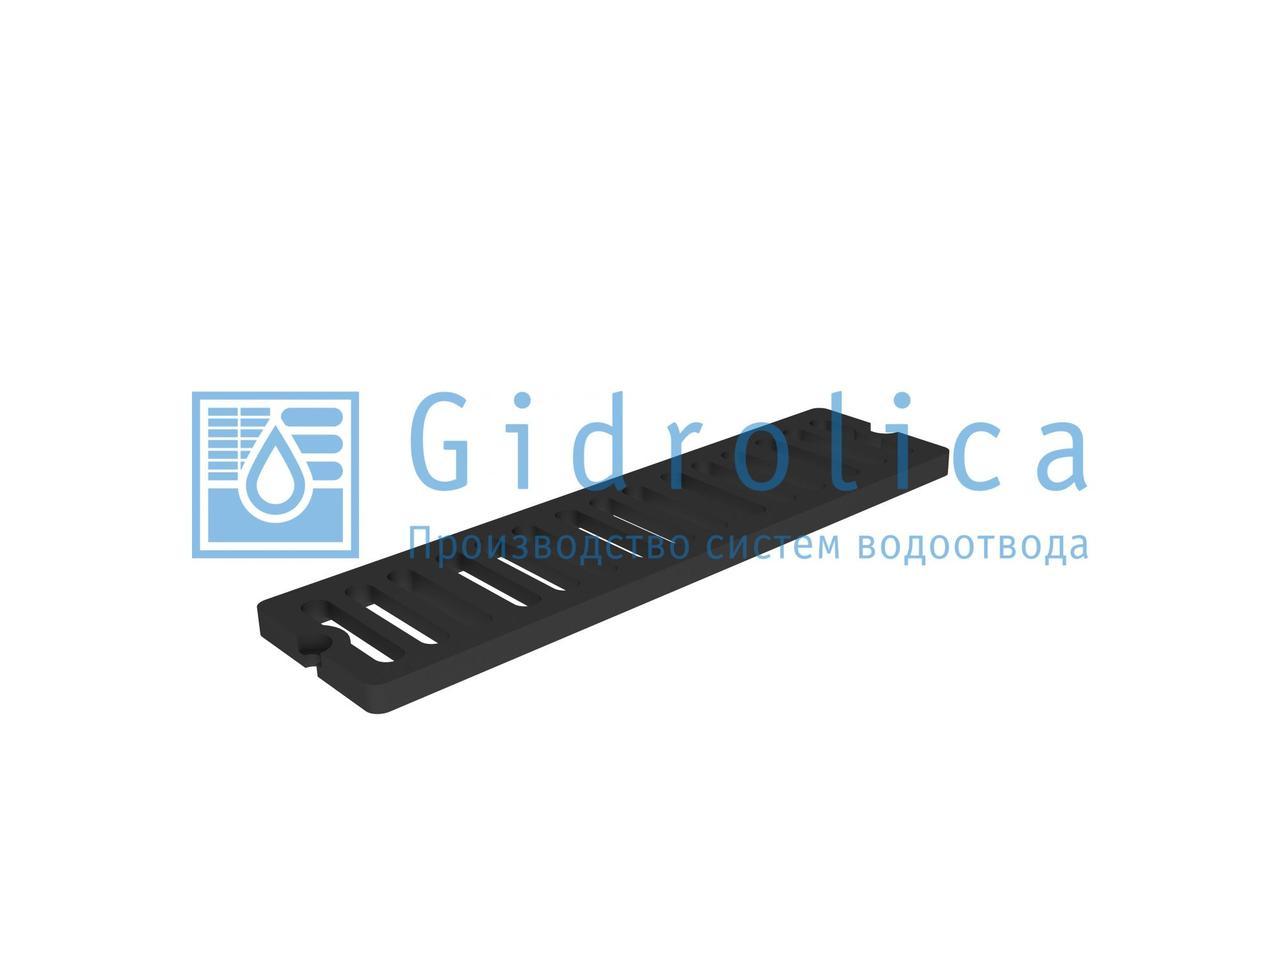 Решетка водоприемная СЧ 750*200*27 – чугунная, кл. D400